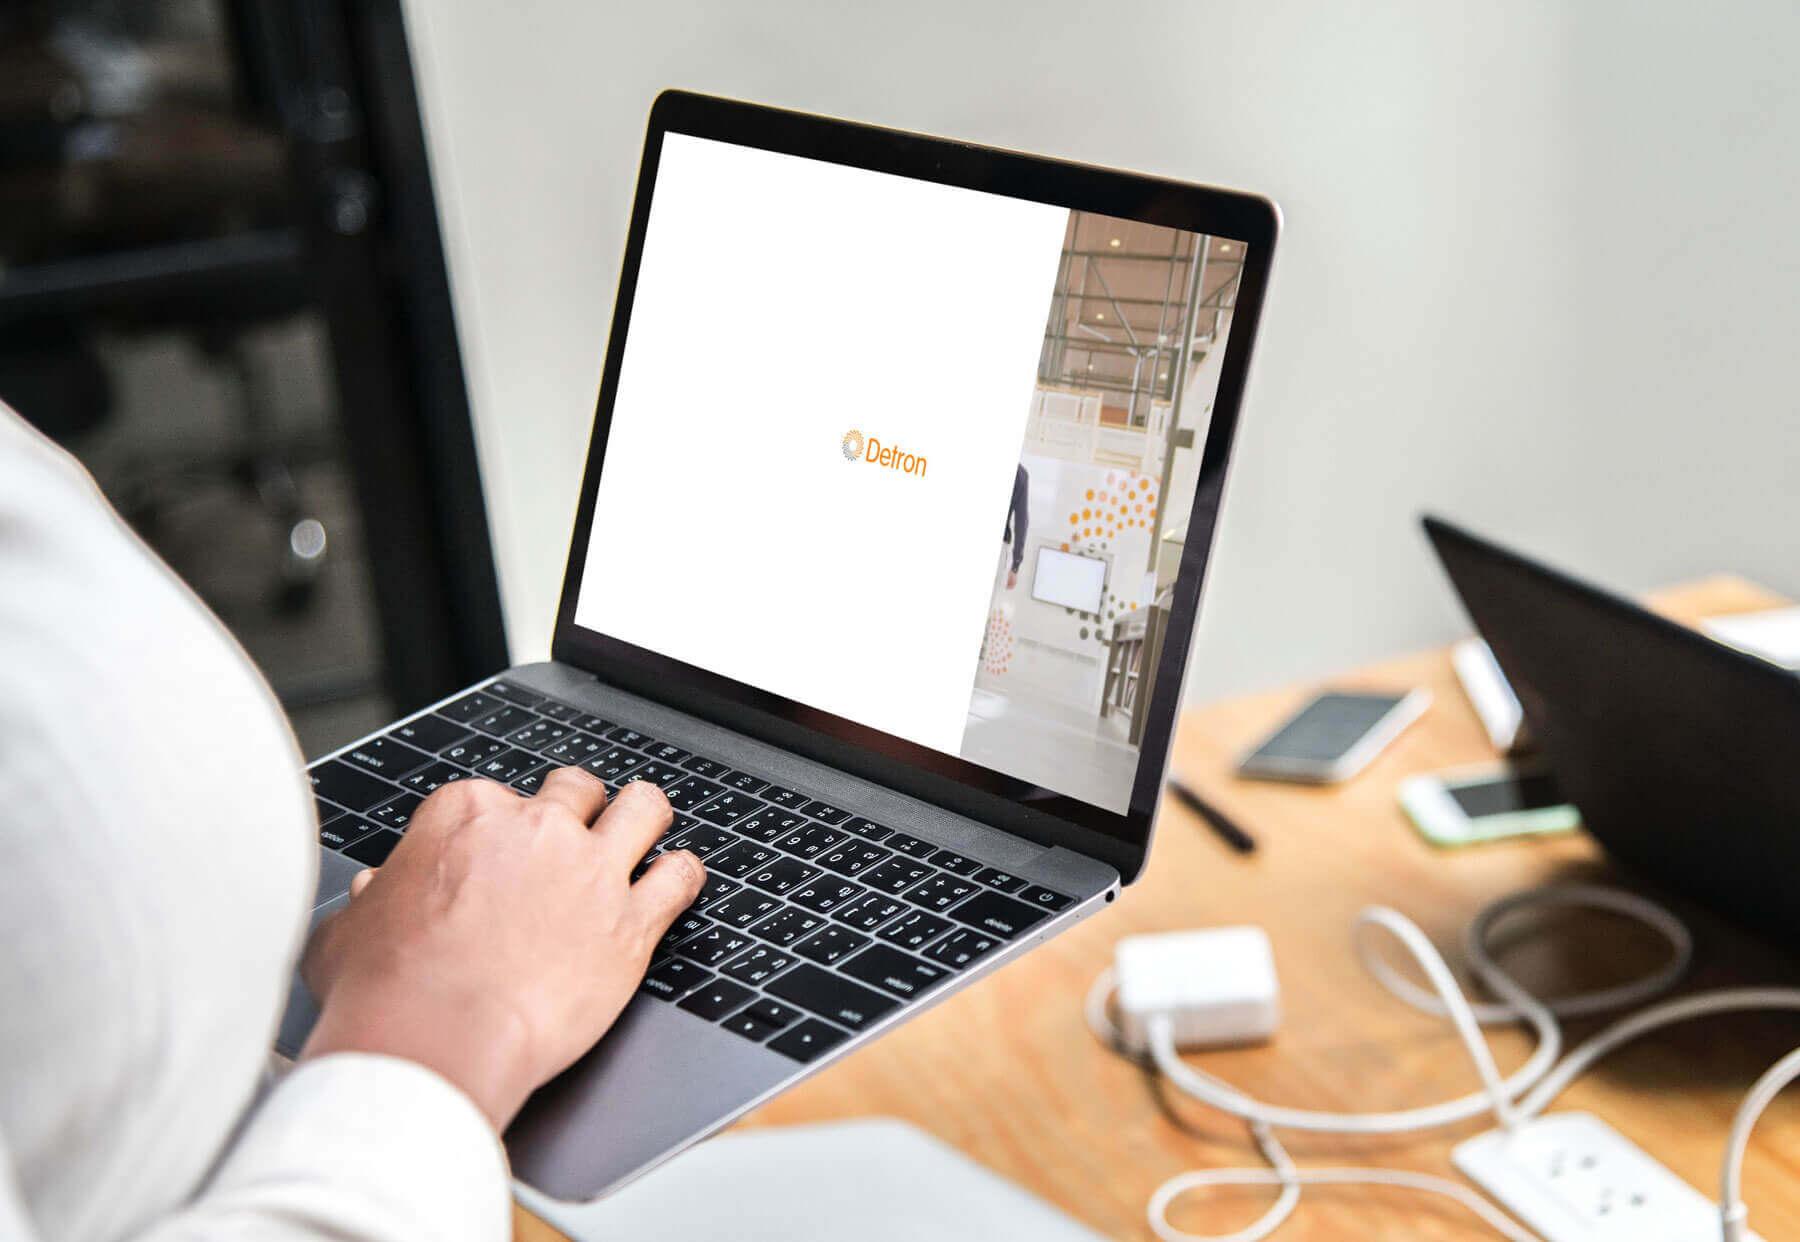 Detron microsite op Macbook